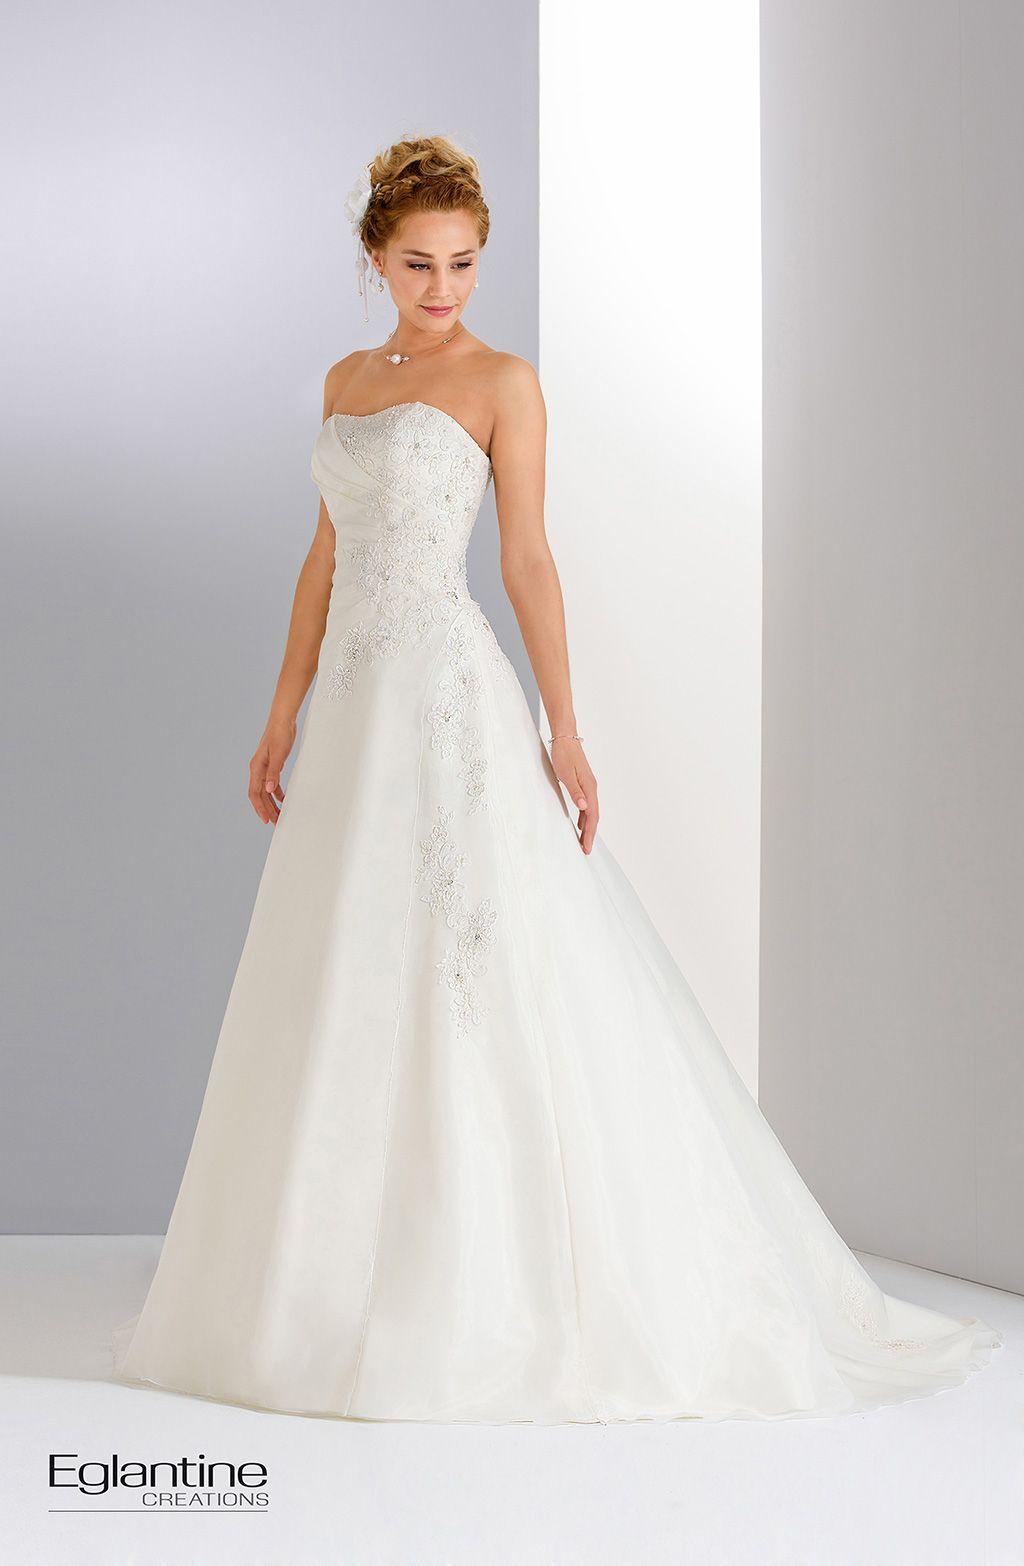 Robes de mariées Eglantine Créations - Boutique